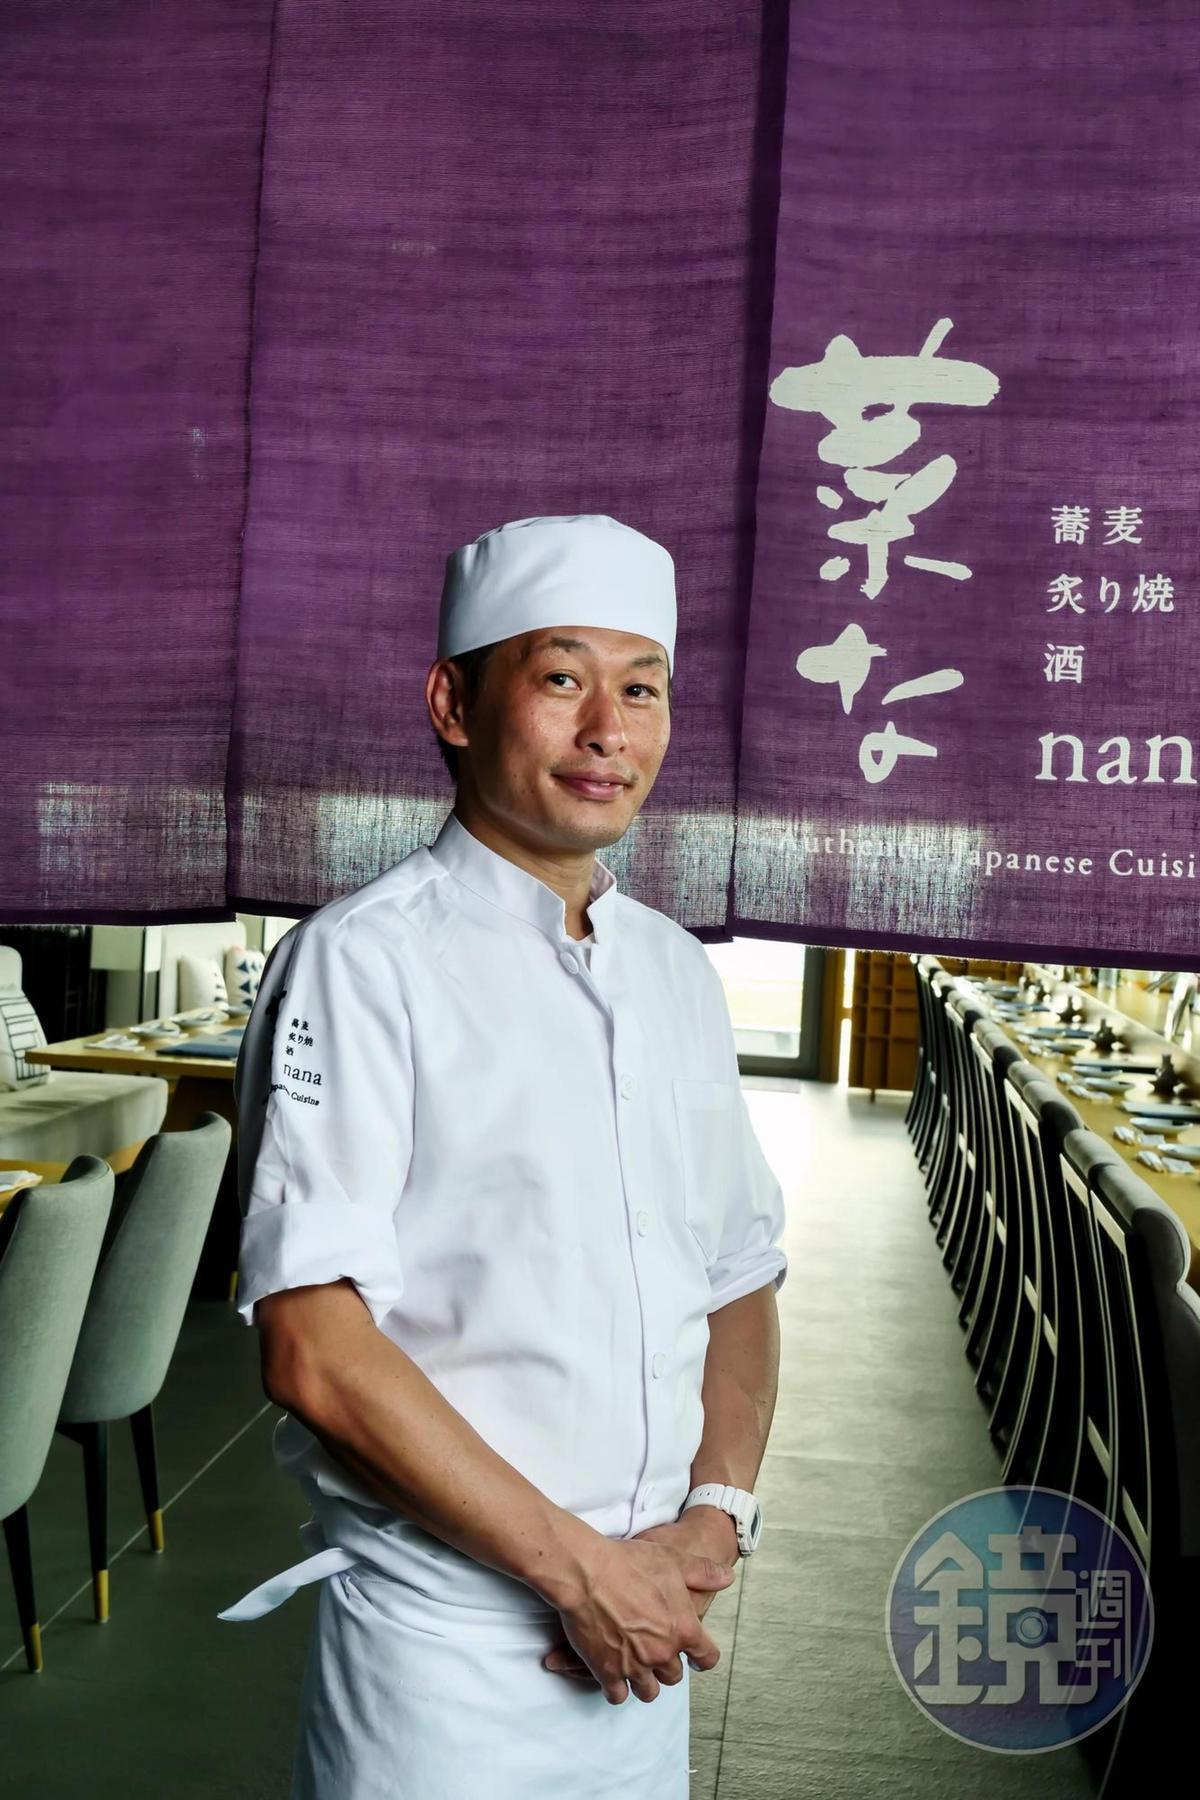 菜な日籍駐店料理長佐京健太郎嫻熟日本料理技巧。